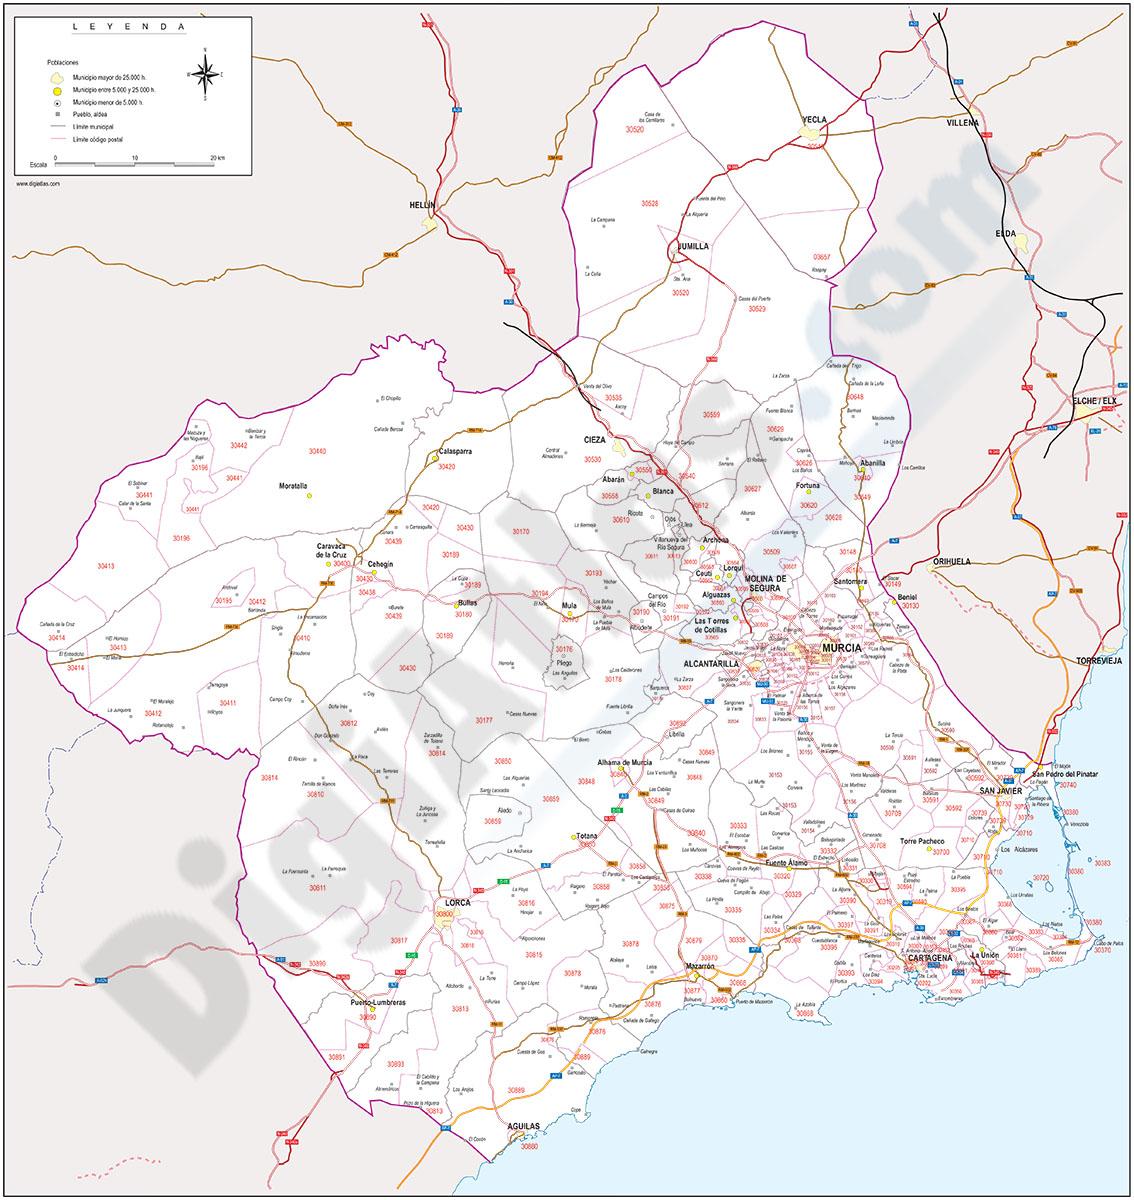 Región de Murcia - mapa autonómico con municipios, Códigos Postales y carreteras